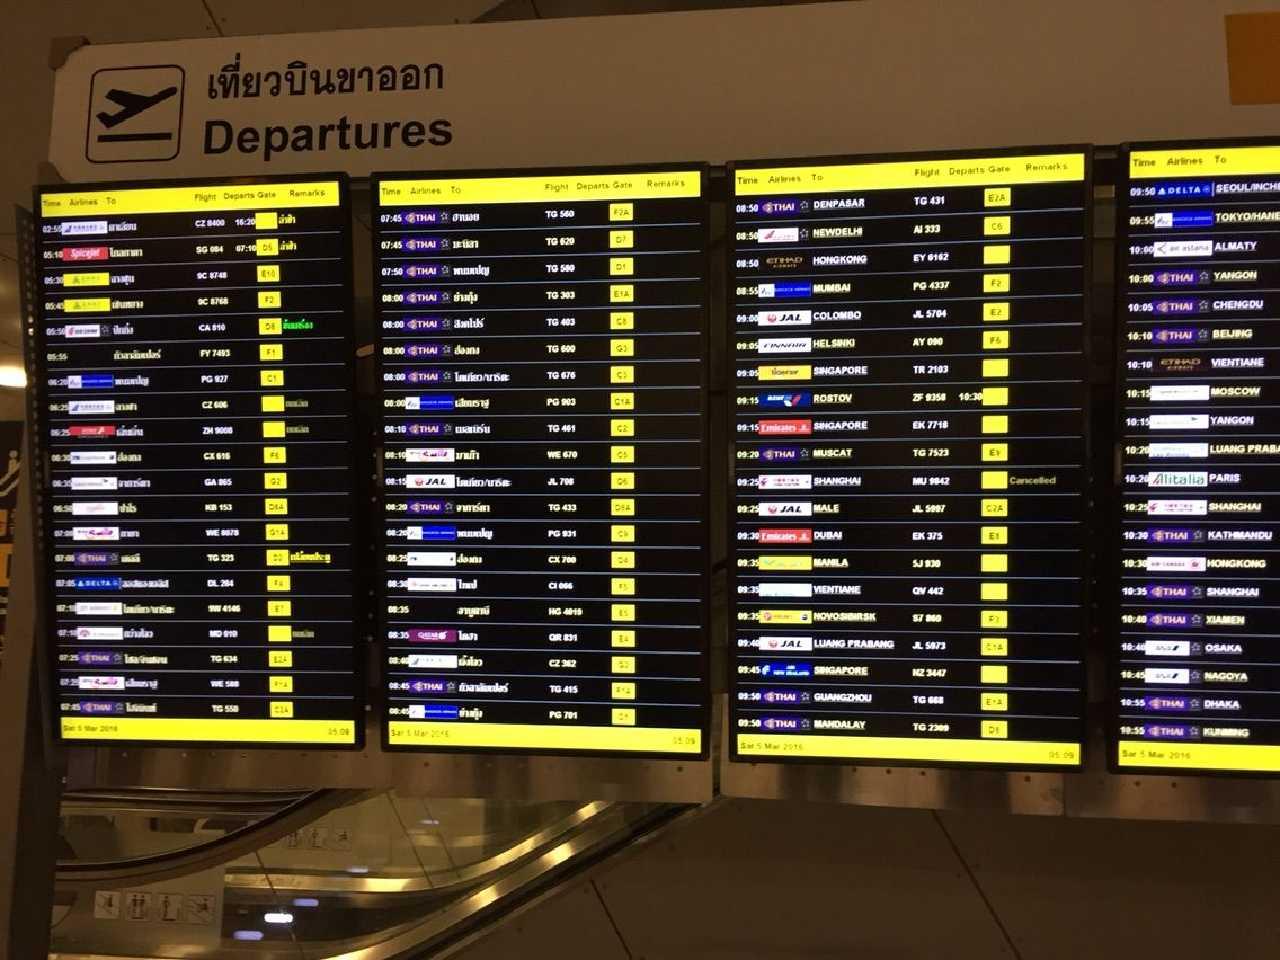 バンコク空港乗り継ぎ待ち時間のアイキャッチ